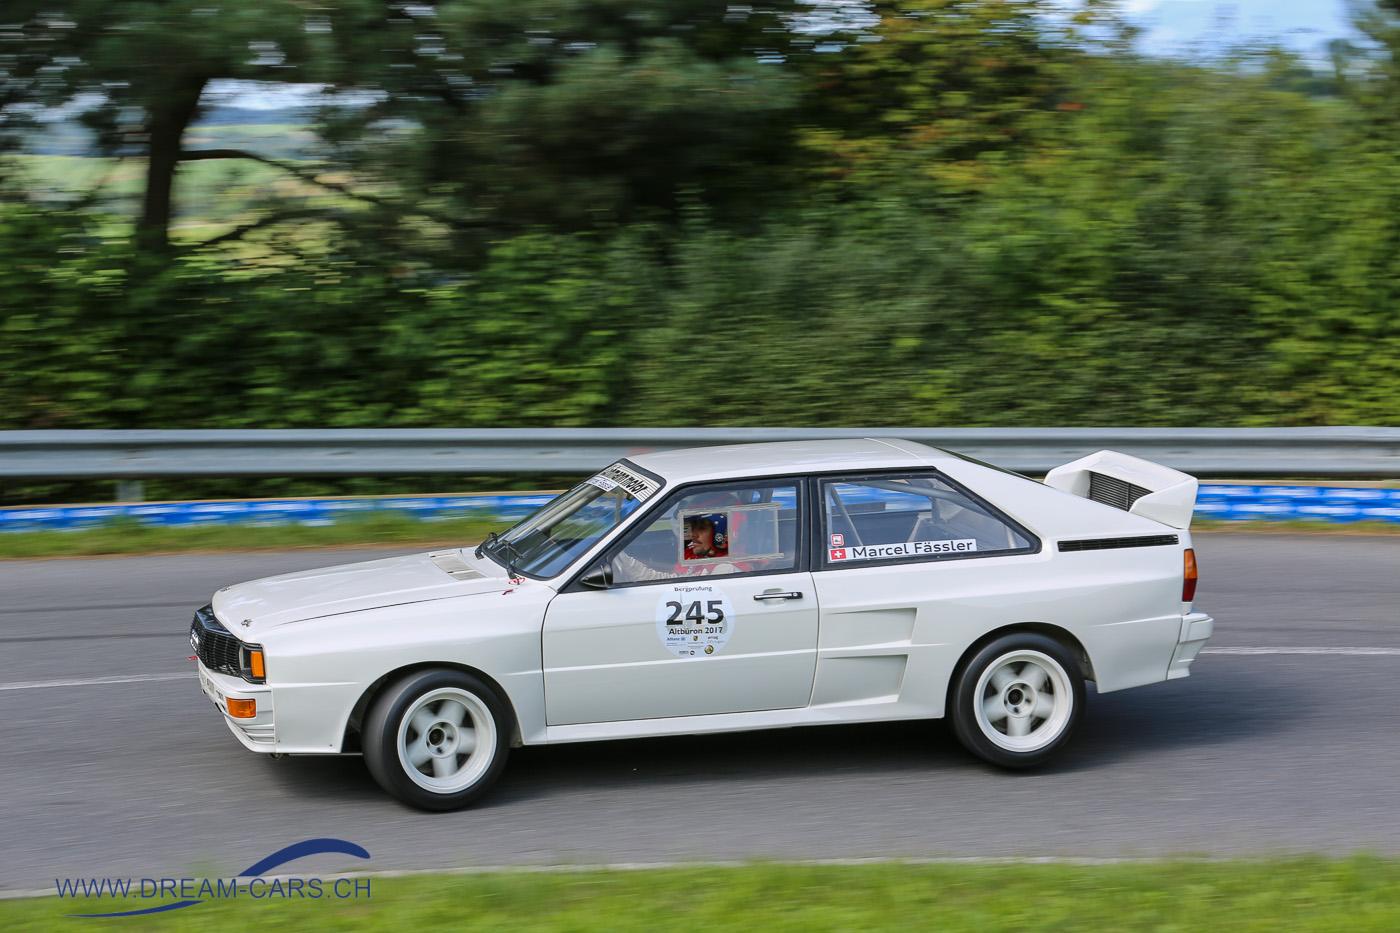 Bergprüfung Altbüron 2017 Marcel Fässler im Audi Quattro von 1983